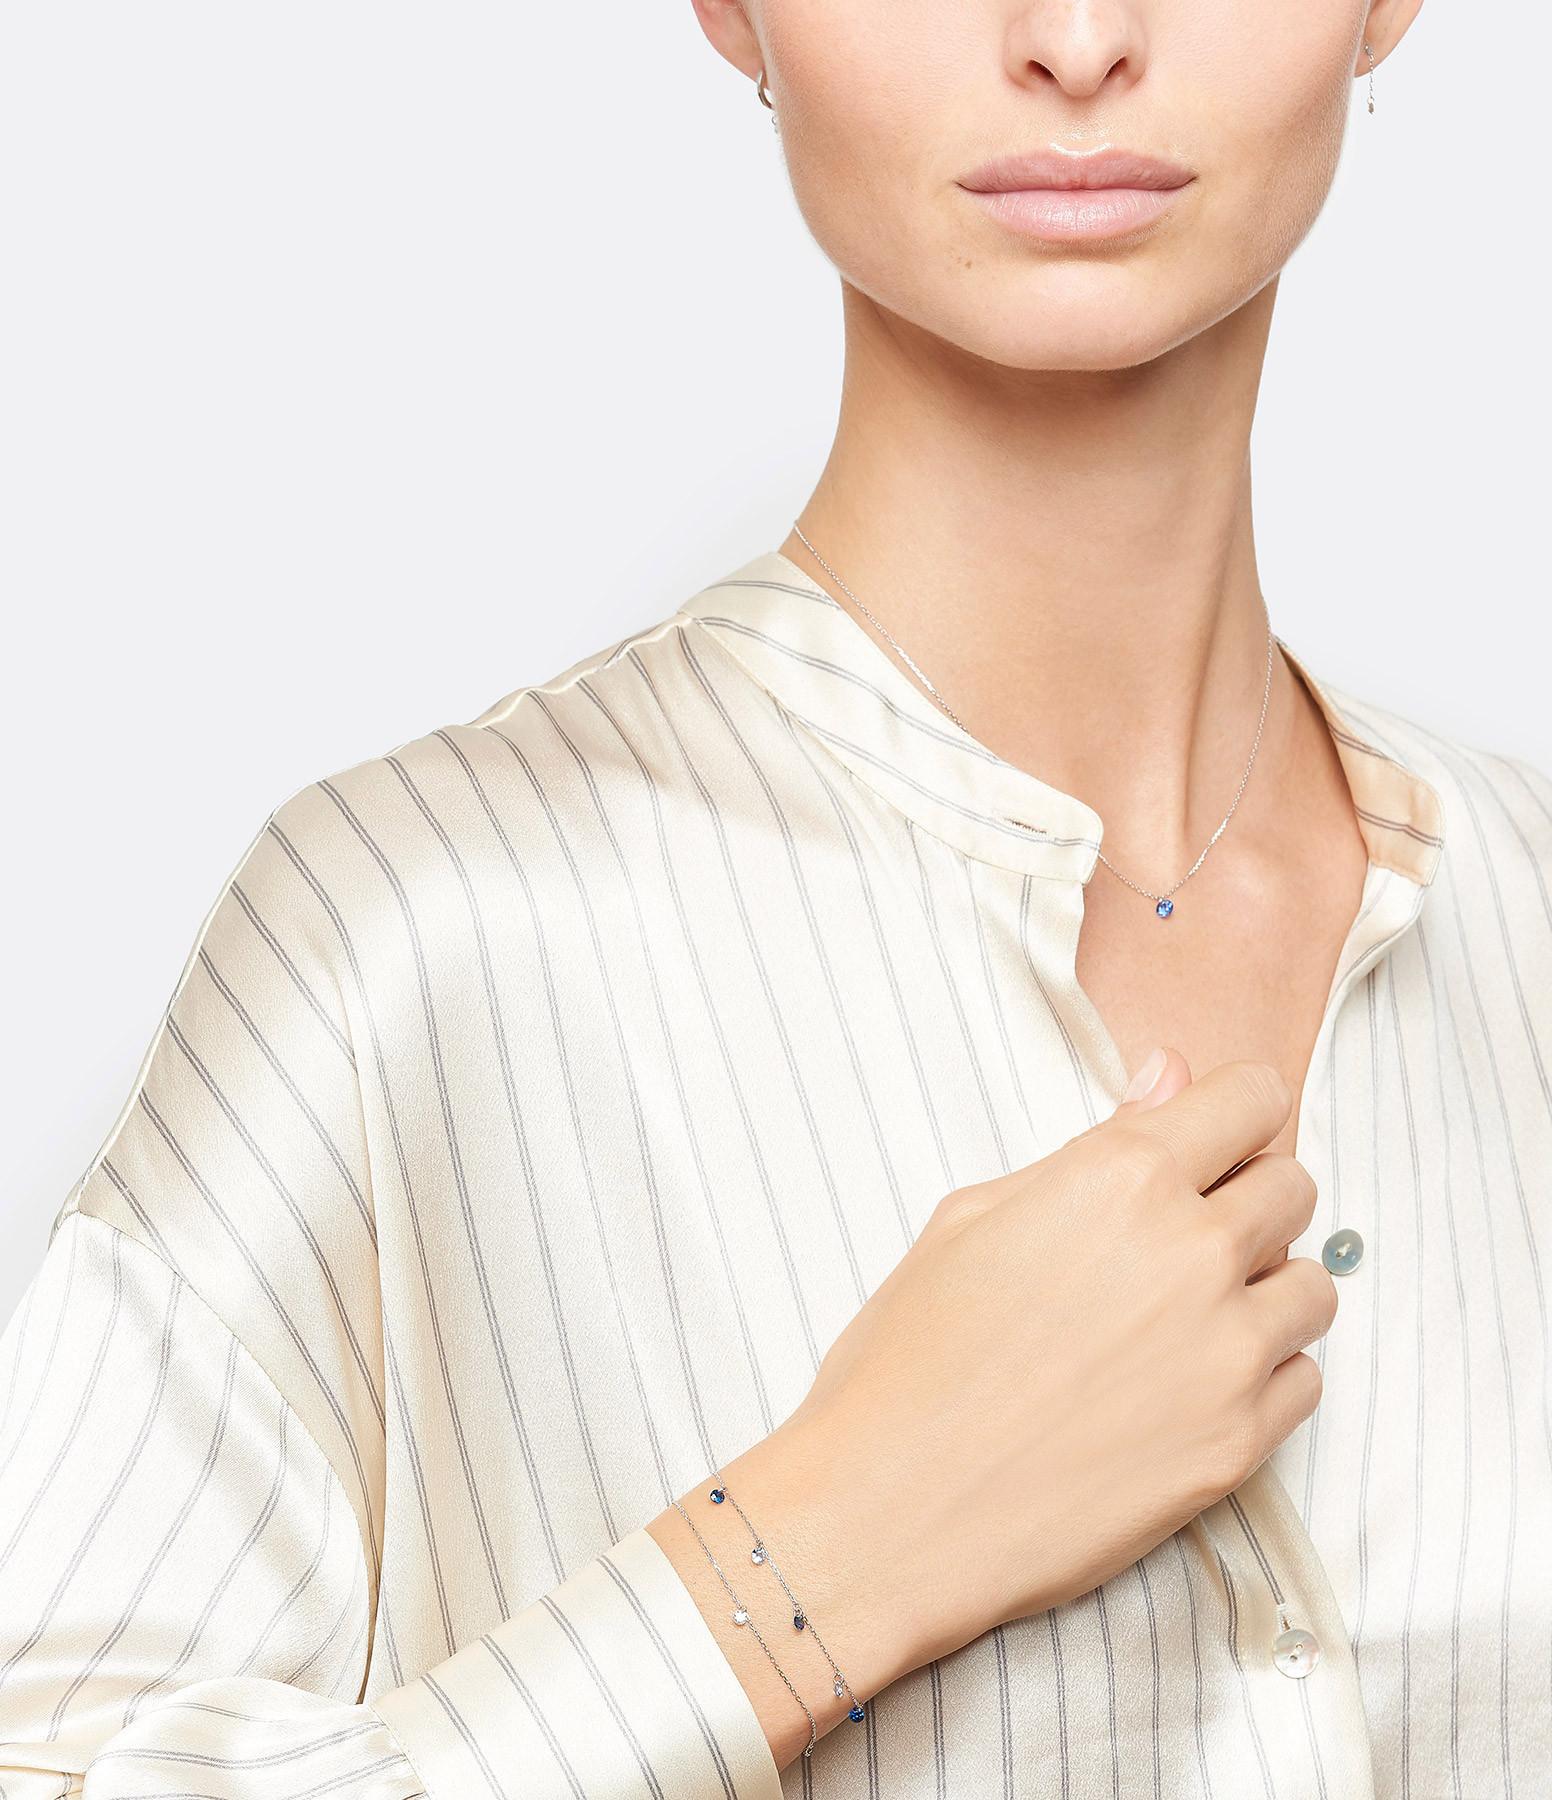 LA BRUNE & LA BLONDE - Bracelet Confetti 5 Saphirs Bleus Or Blanc